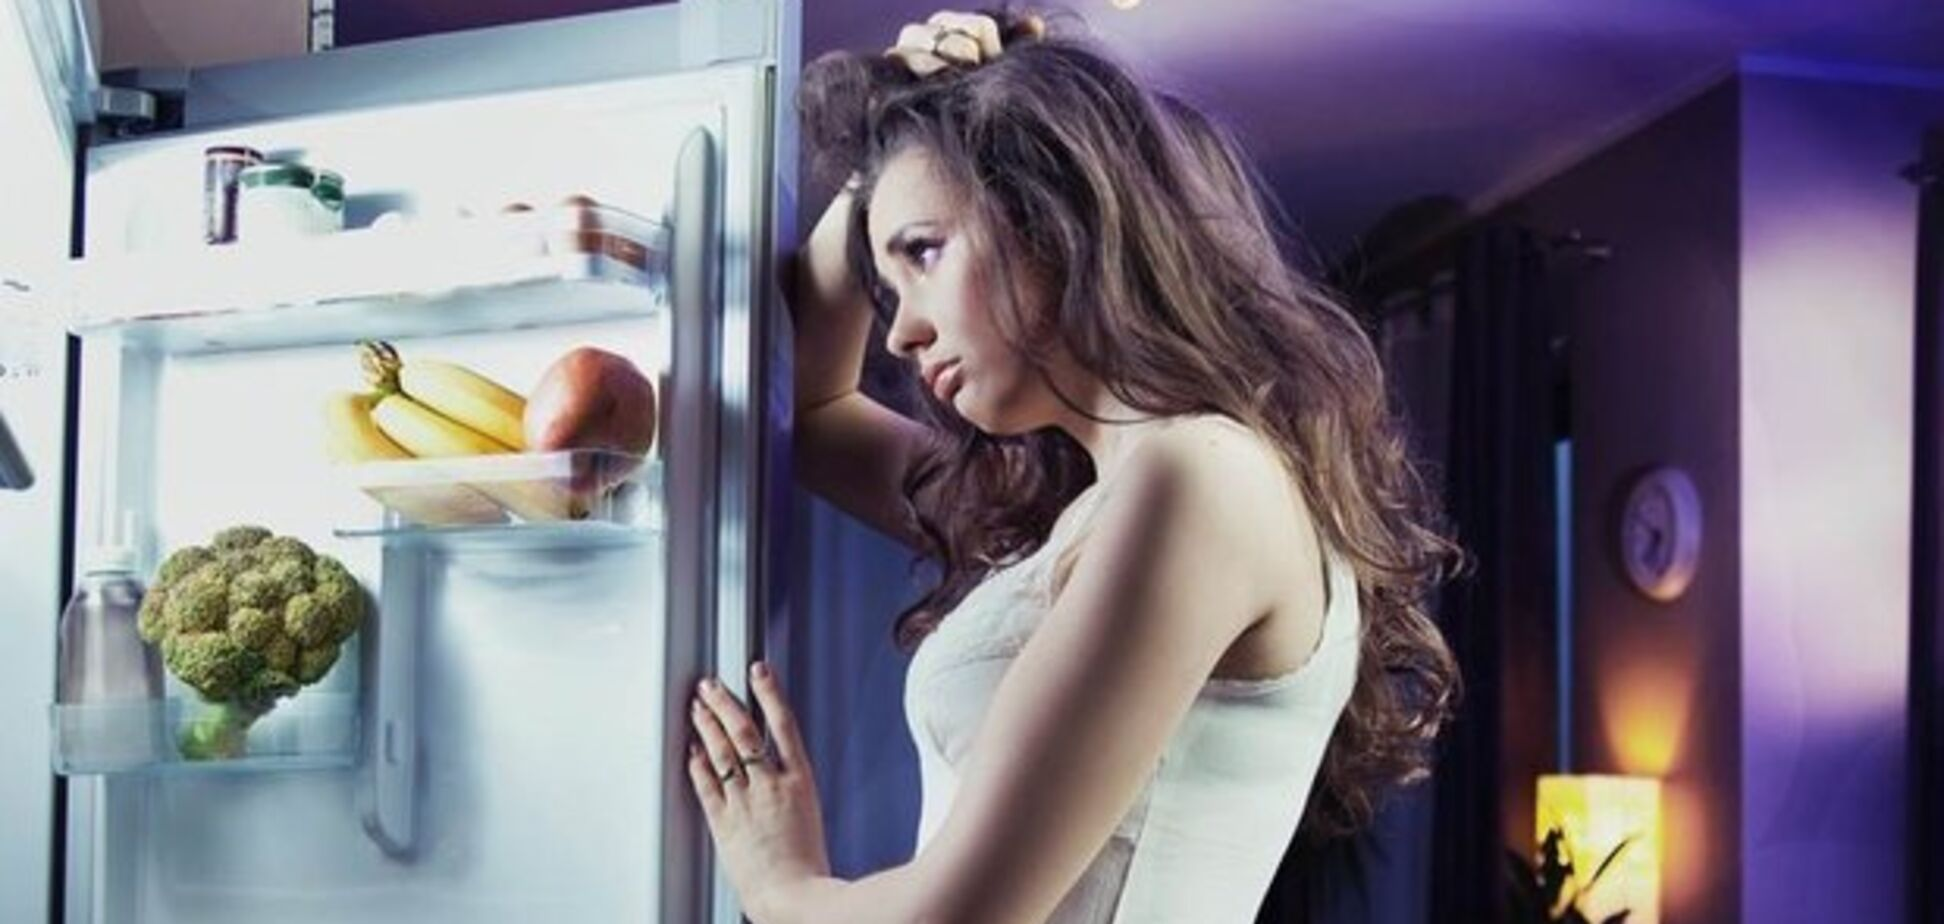 Нічний голод: лікар дав поради для покорення апетиту